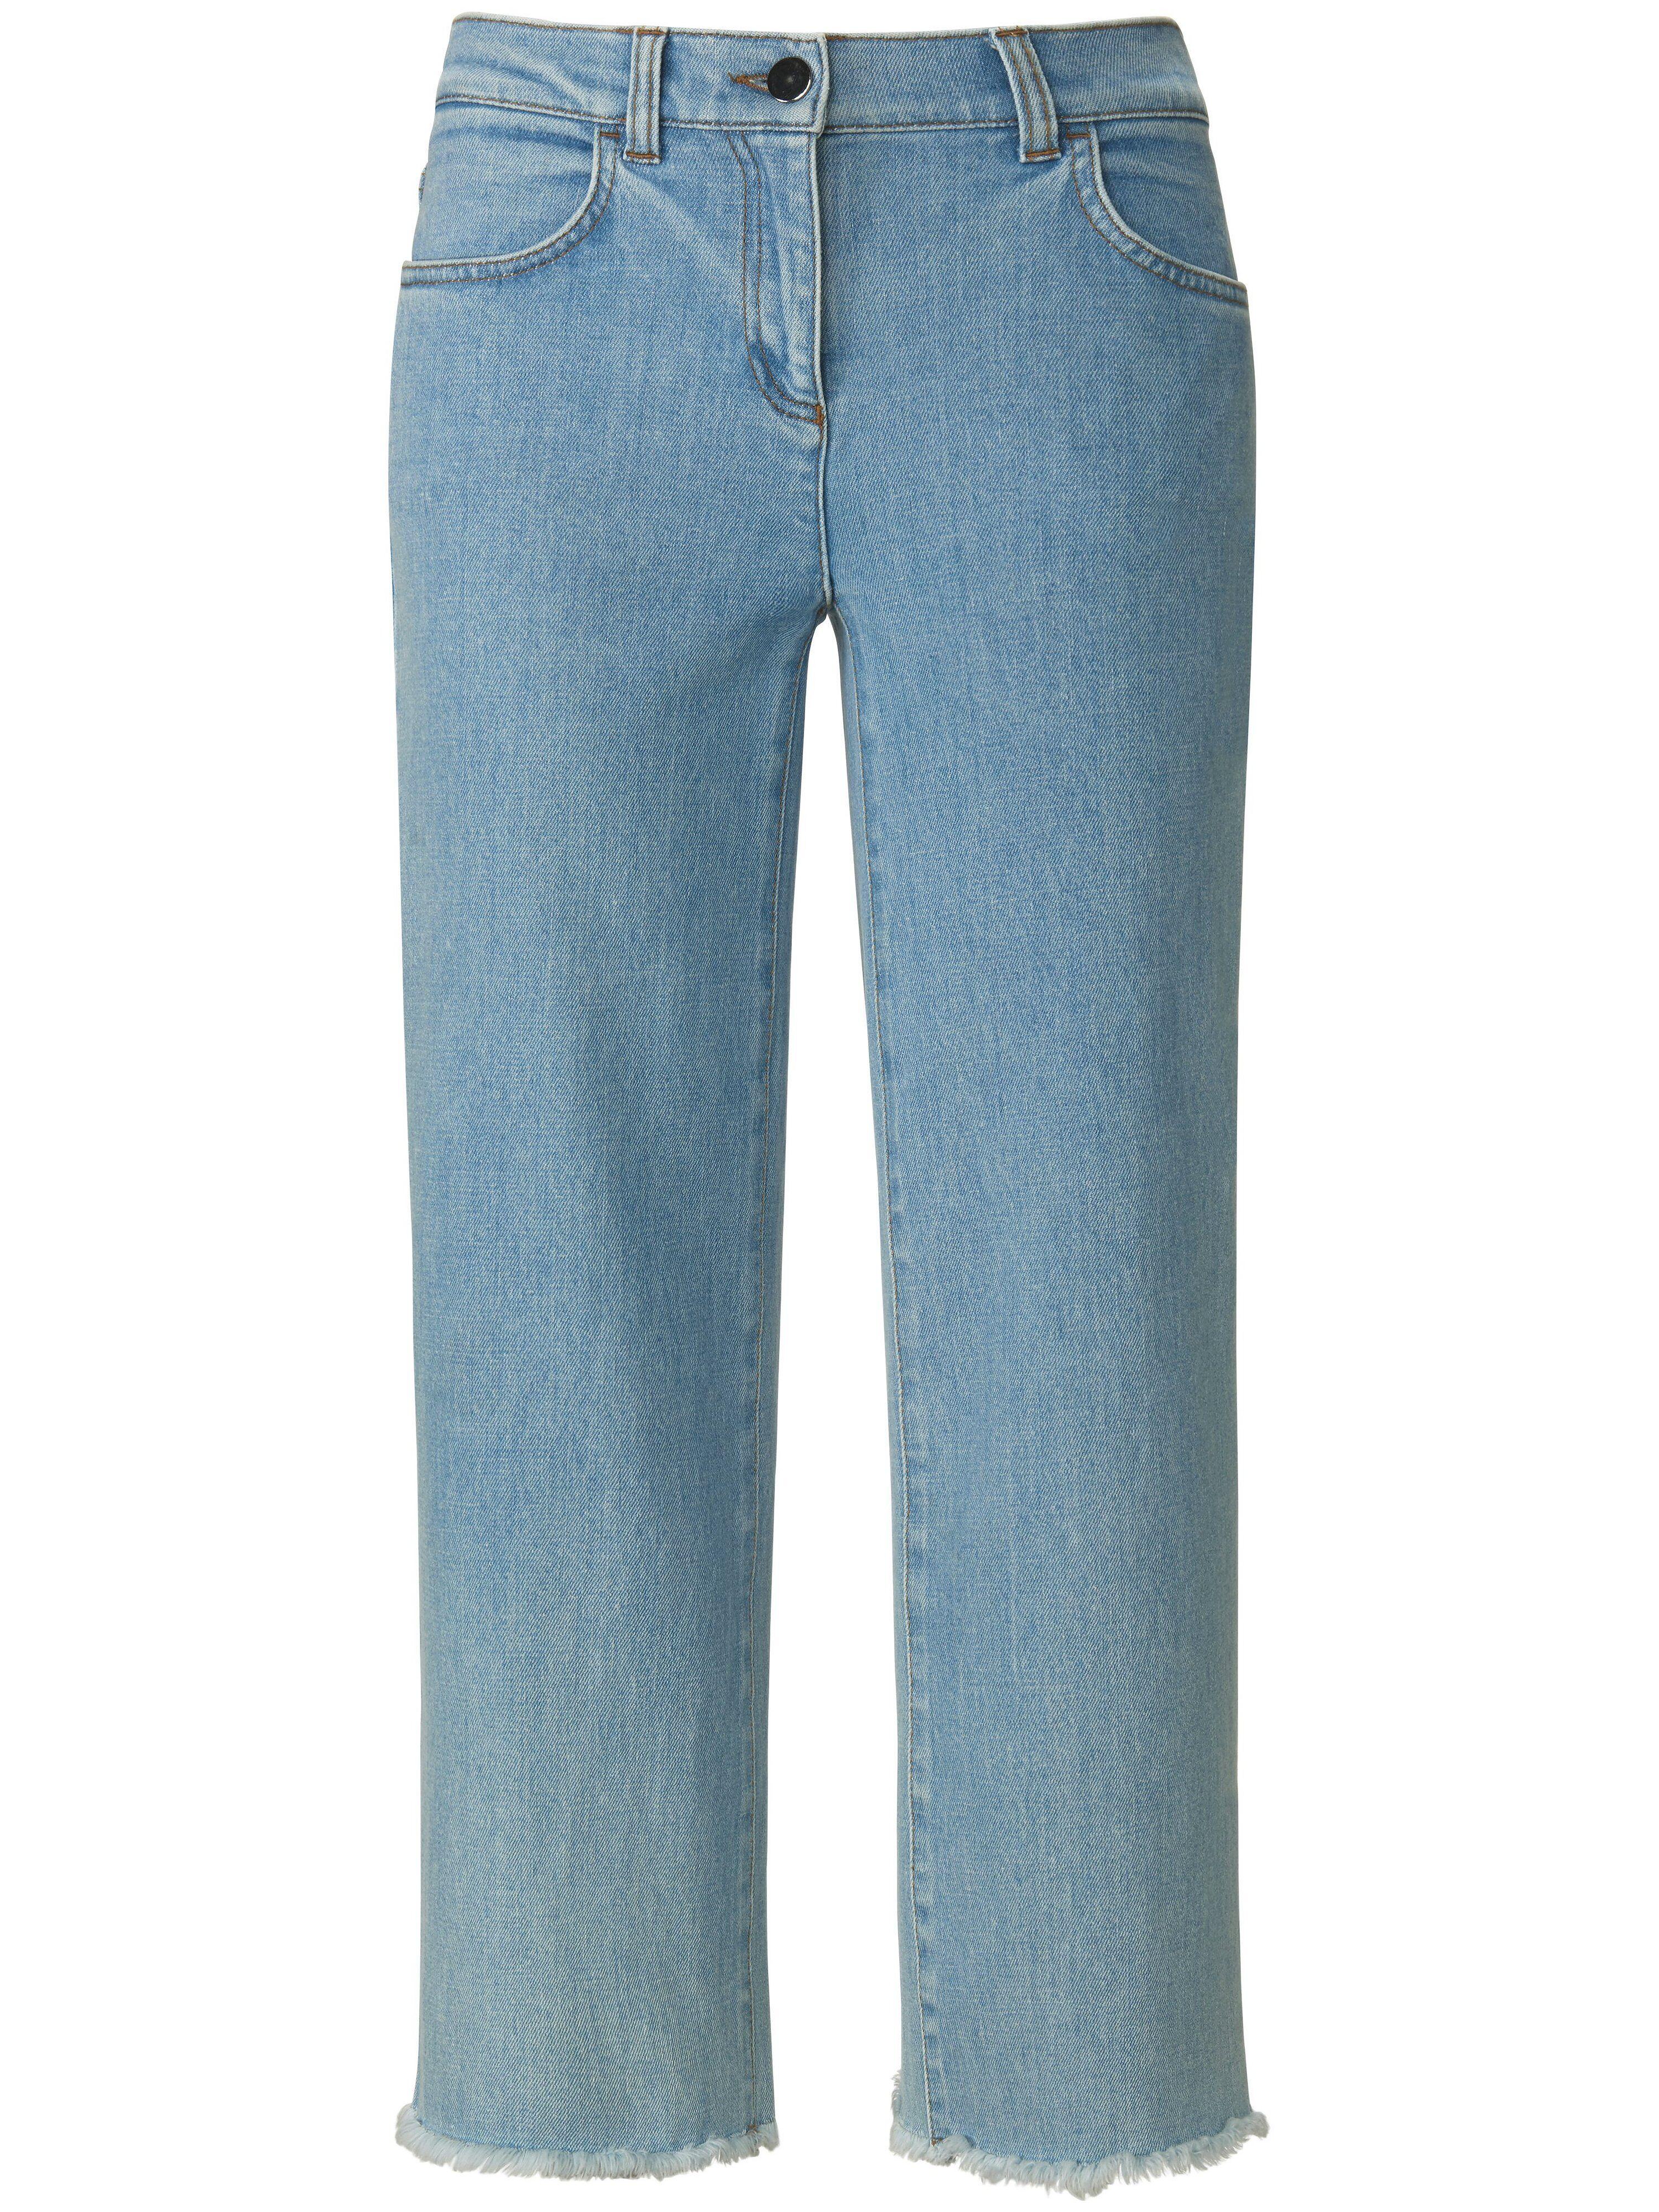 Peter Hahn La jupe-culotte en jean coupe 4 poches  PETER HAHN PURE EDITION denim  - Femme - 38